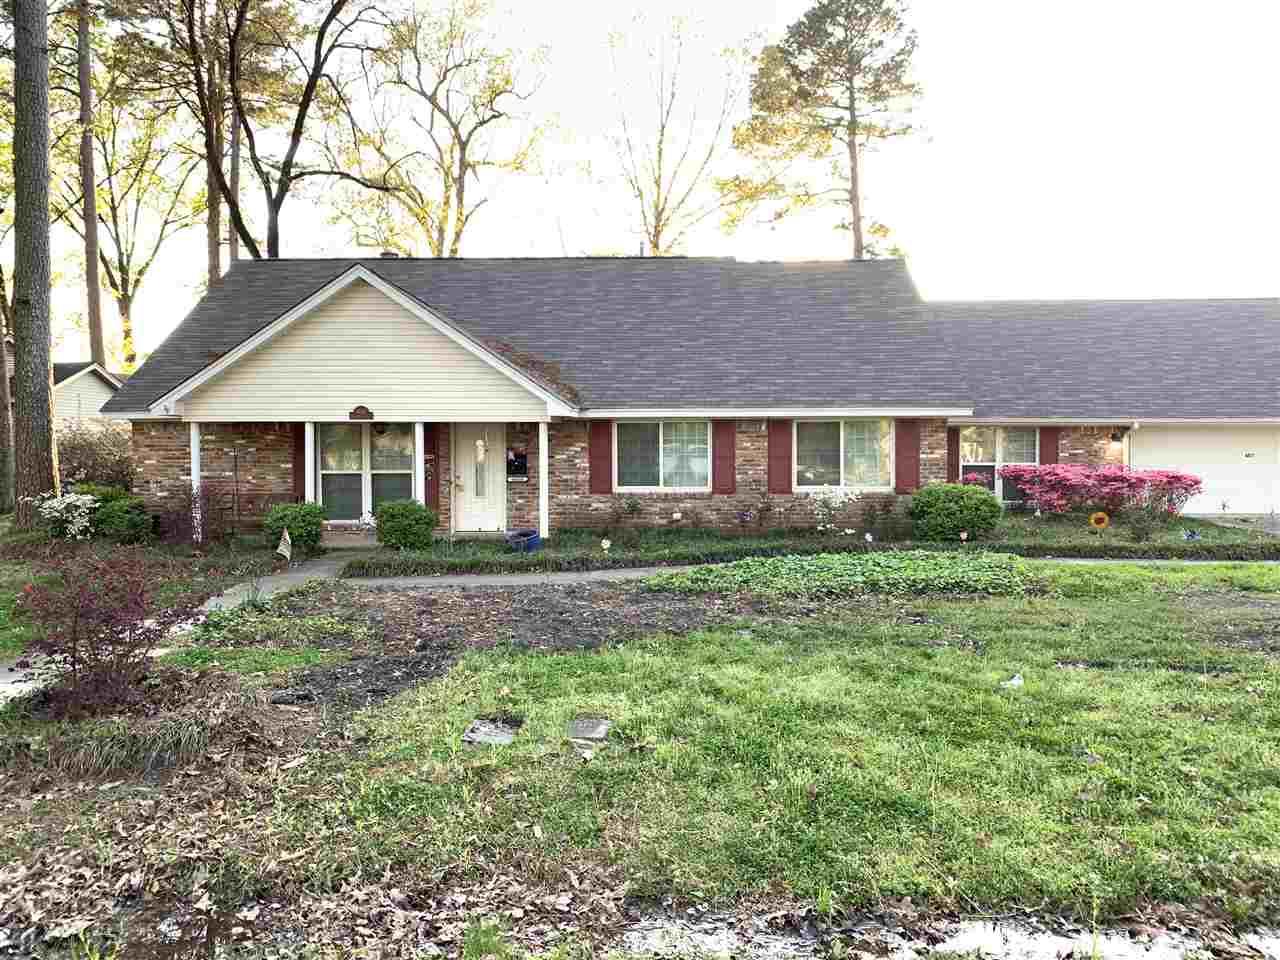 4018 S Linden, Pine Bluff, AR 71603